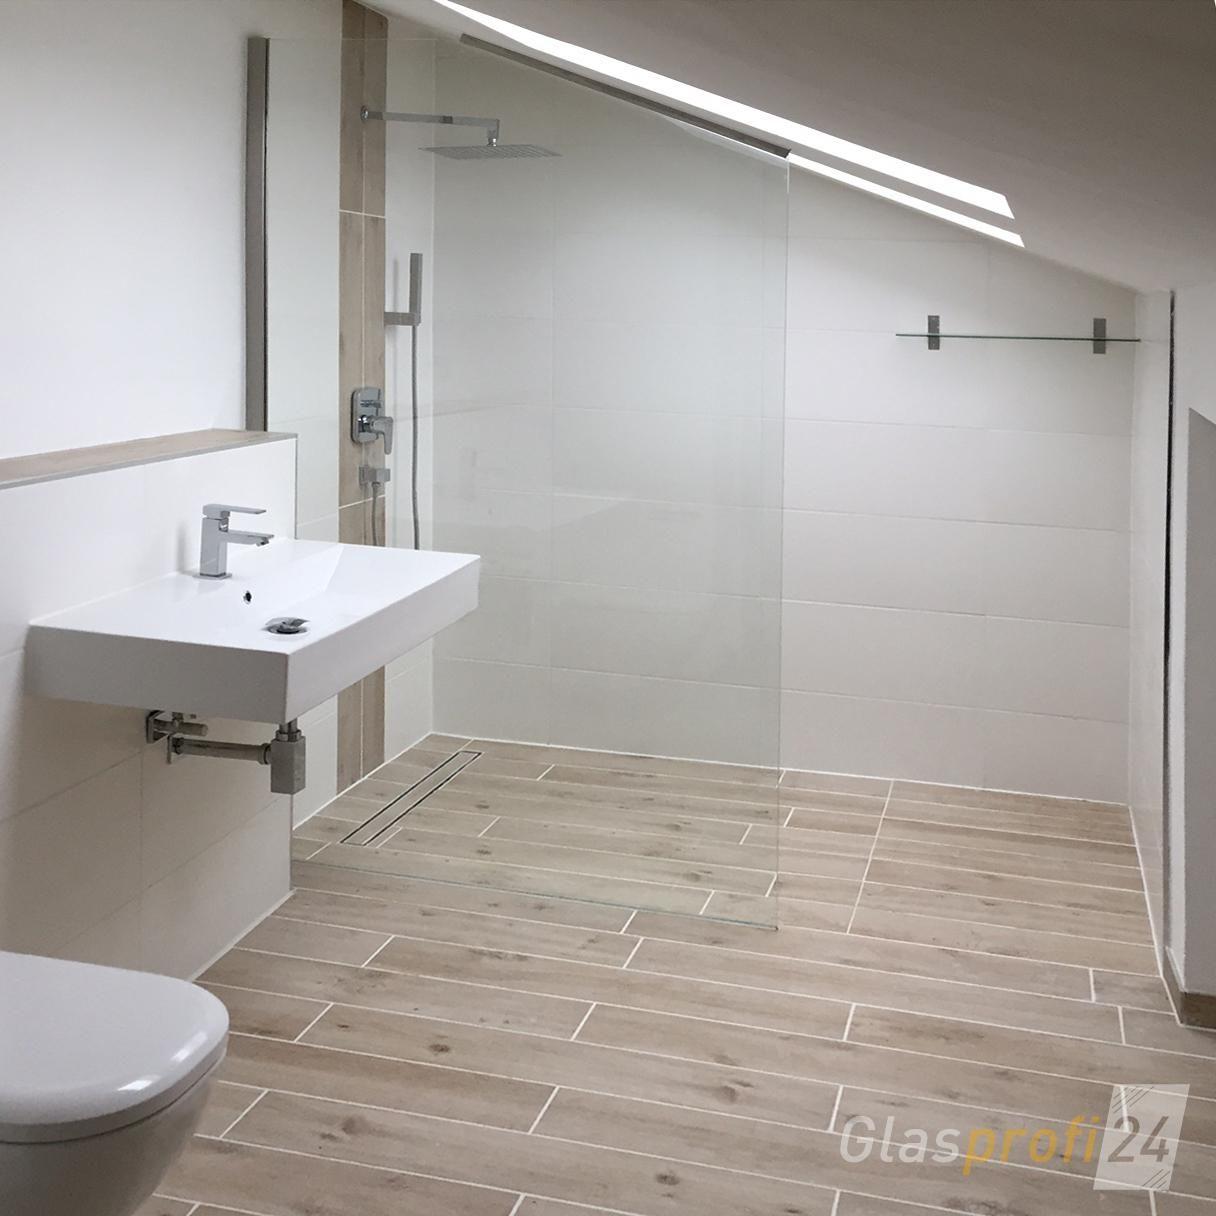 Wunderbar Dusche In Dachschräge Referenz Von Die Halterung Der Walk-in Erfolgt Hier Durch